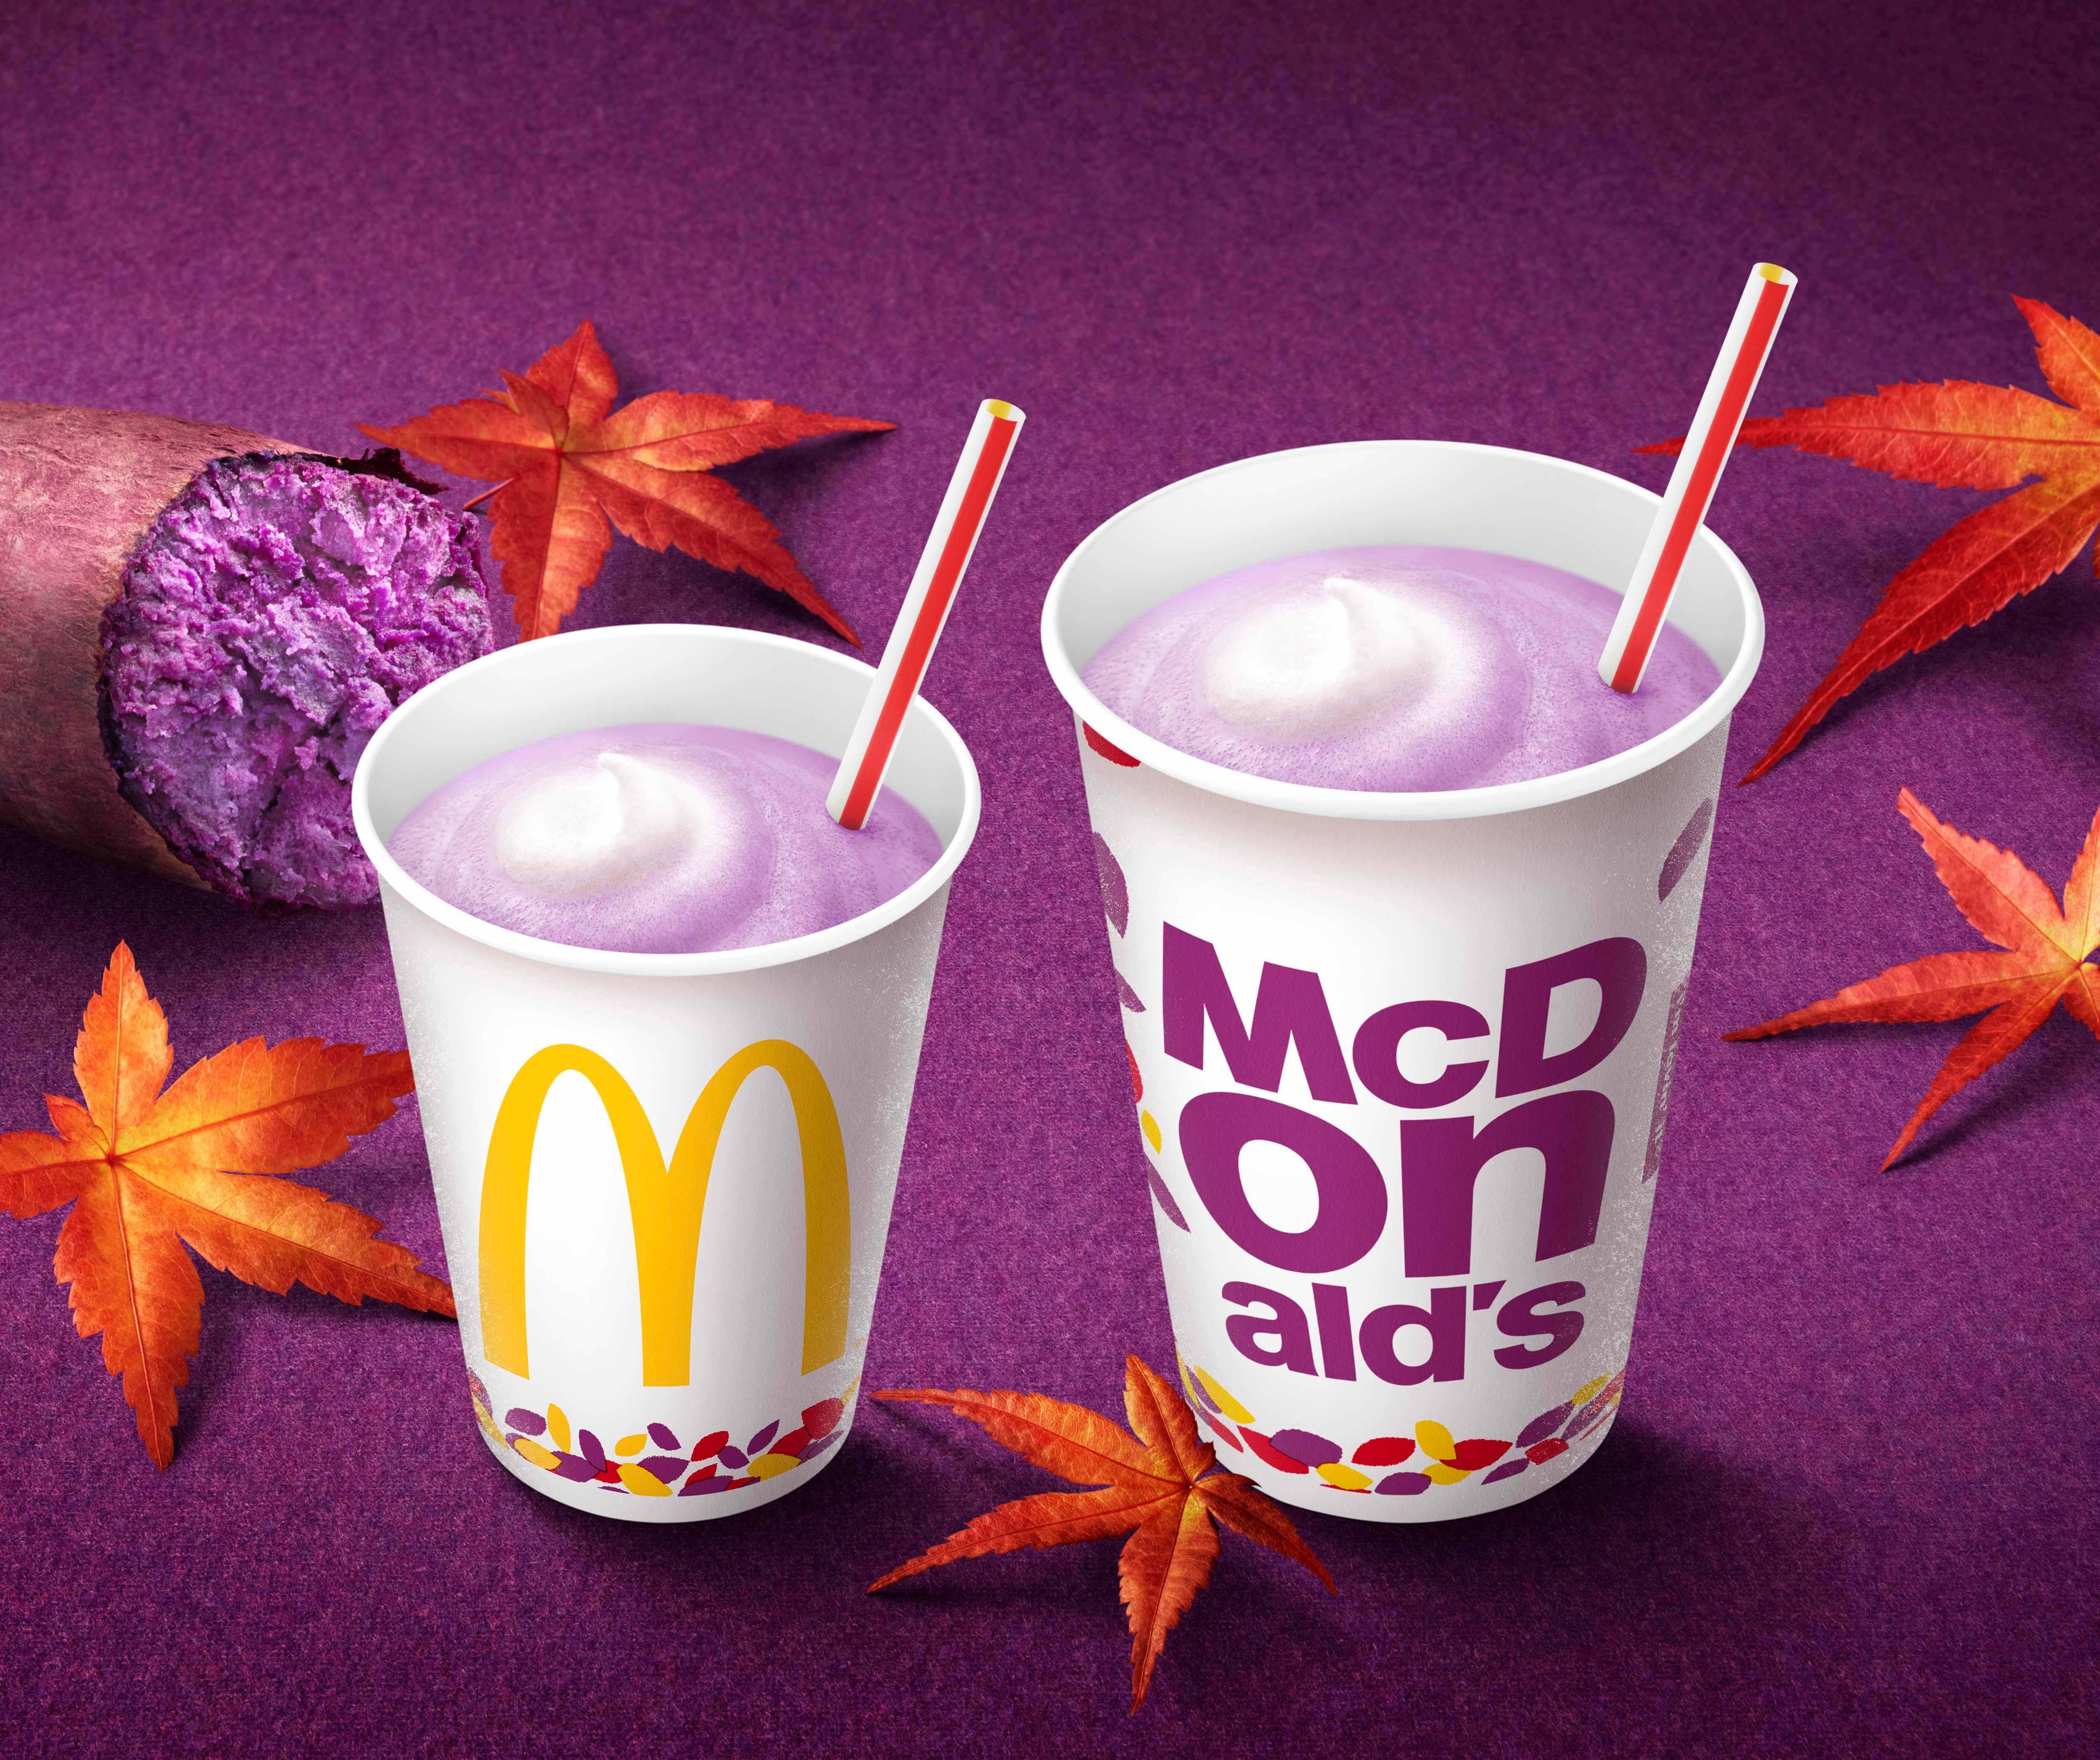 麥當勞秋季限定甜點「紫心地瓜奶昔」販售 麥當勞、